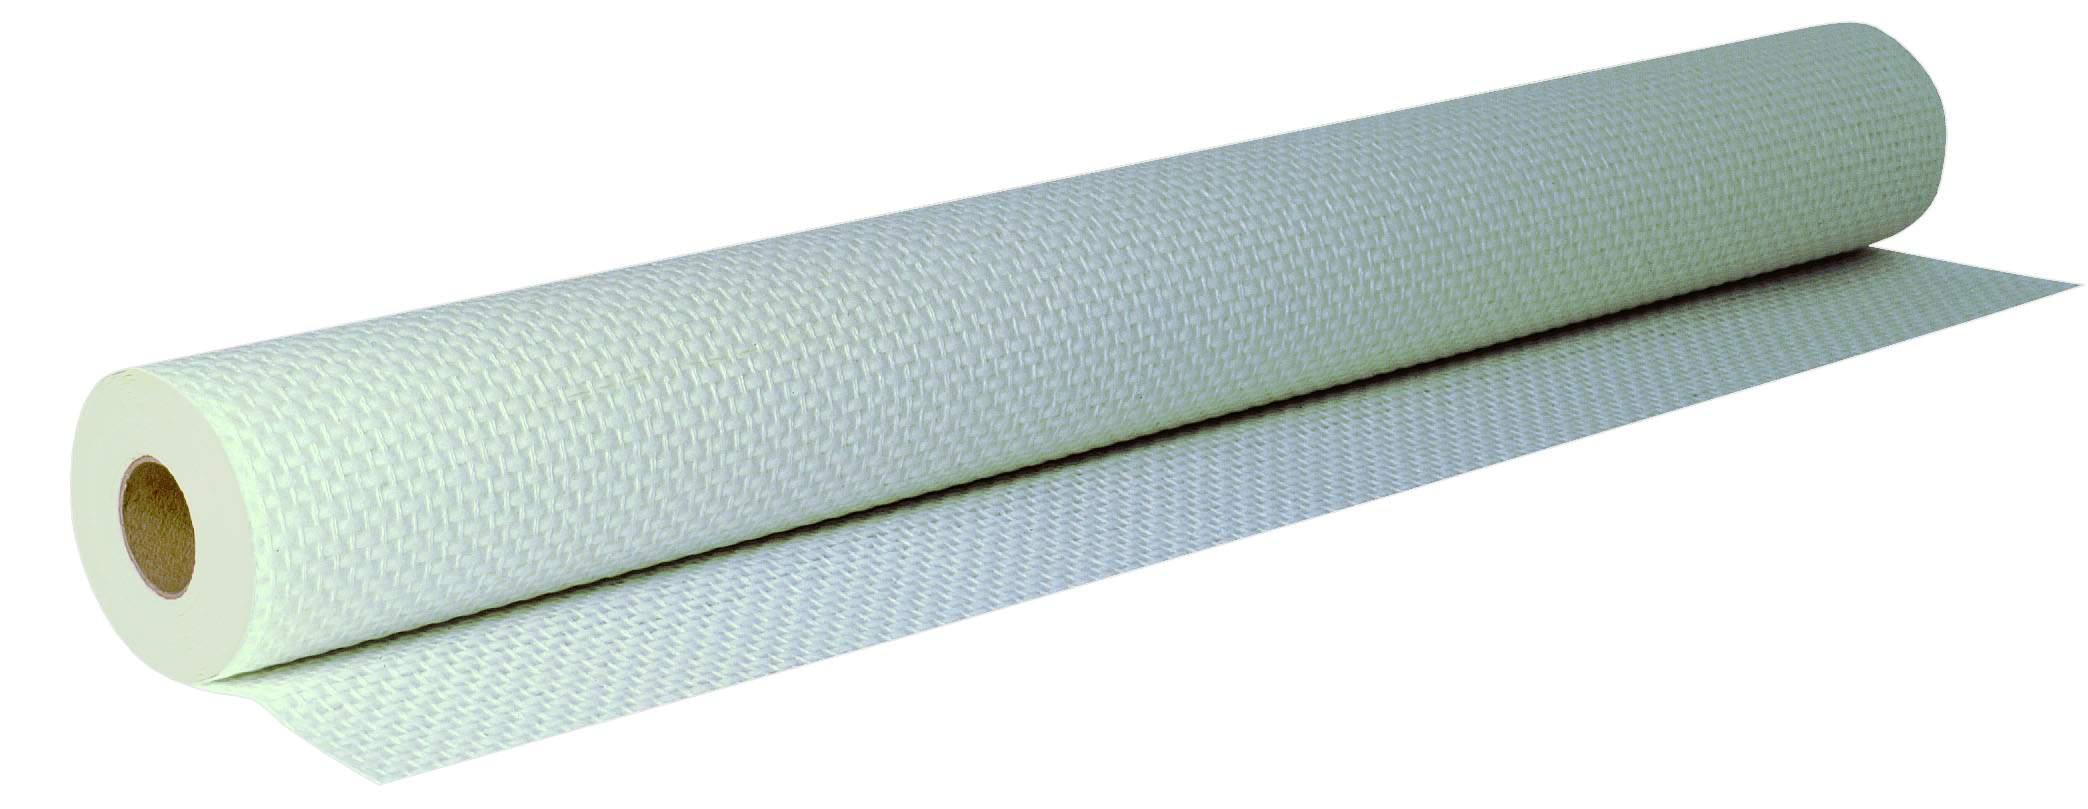 Rouleau fibre de verre achat 28 images construction de - Toile de fibre de verre a peindre ...